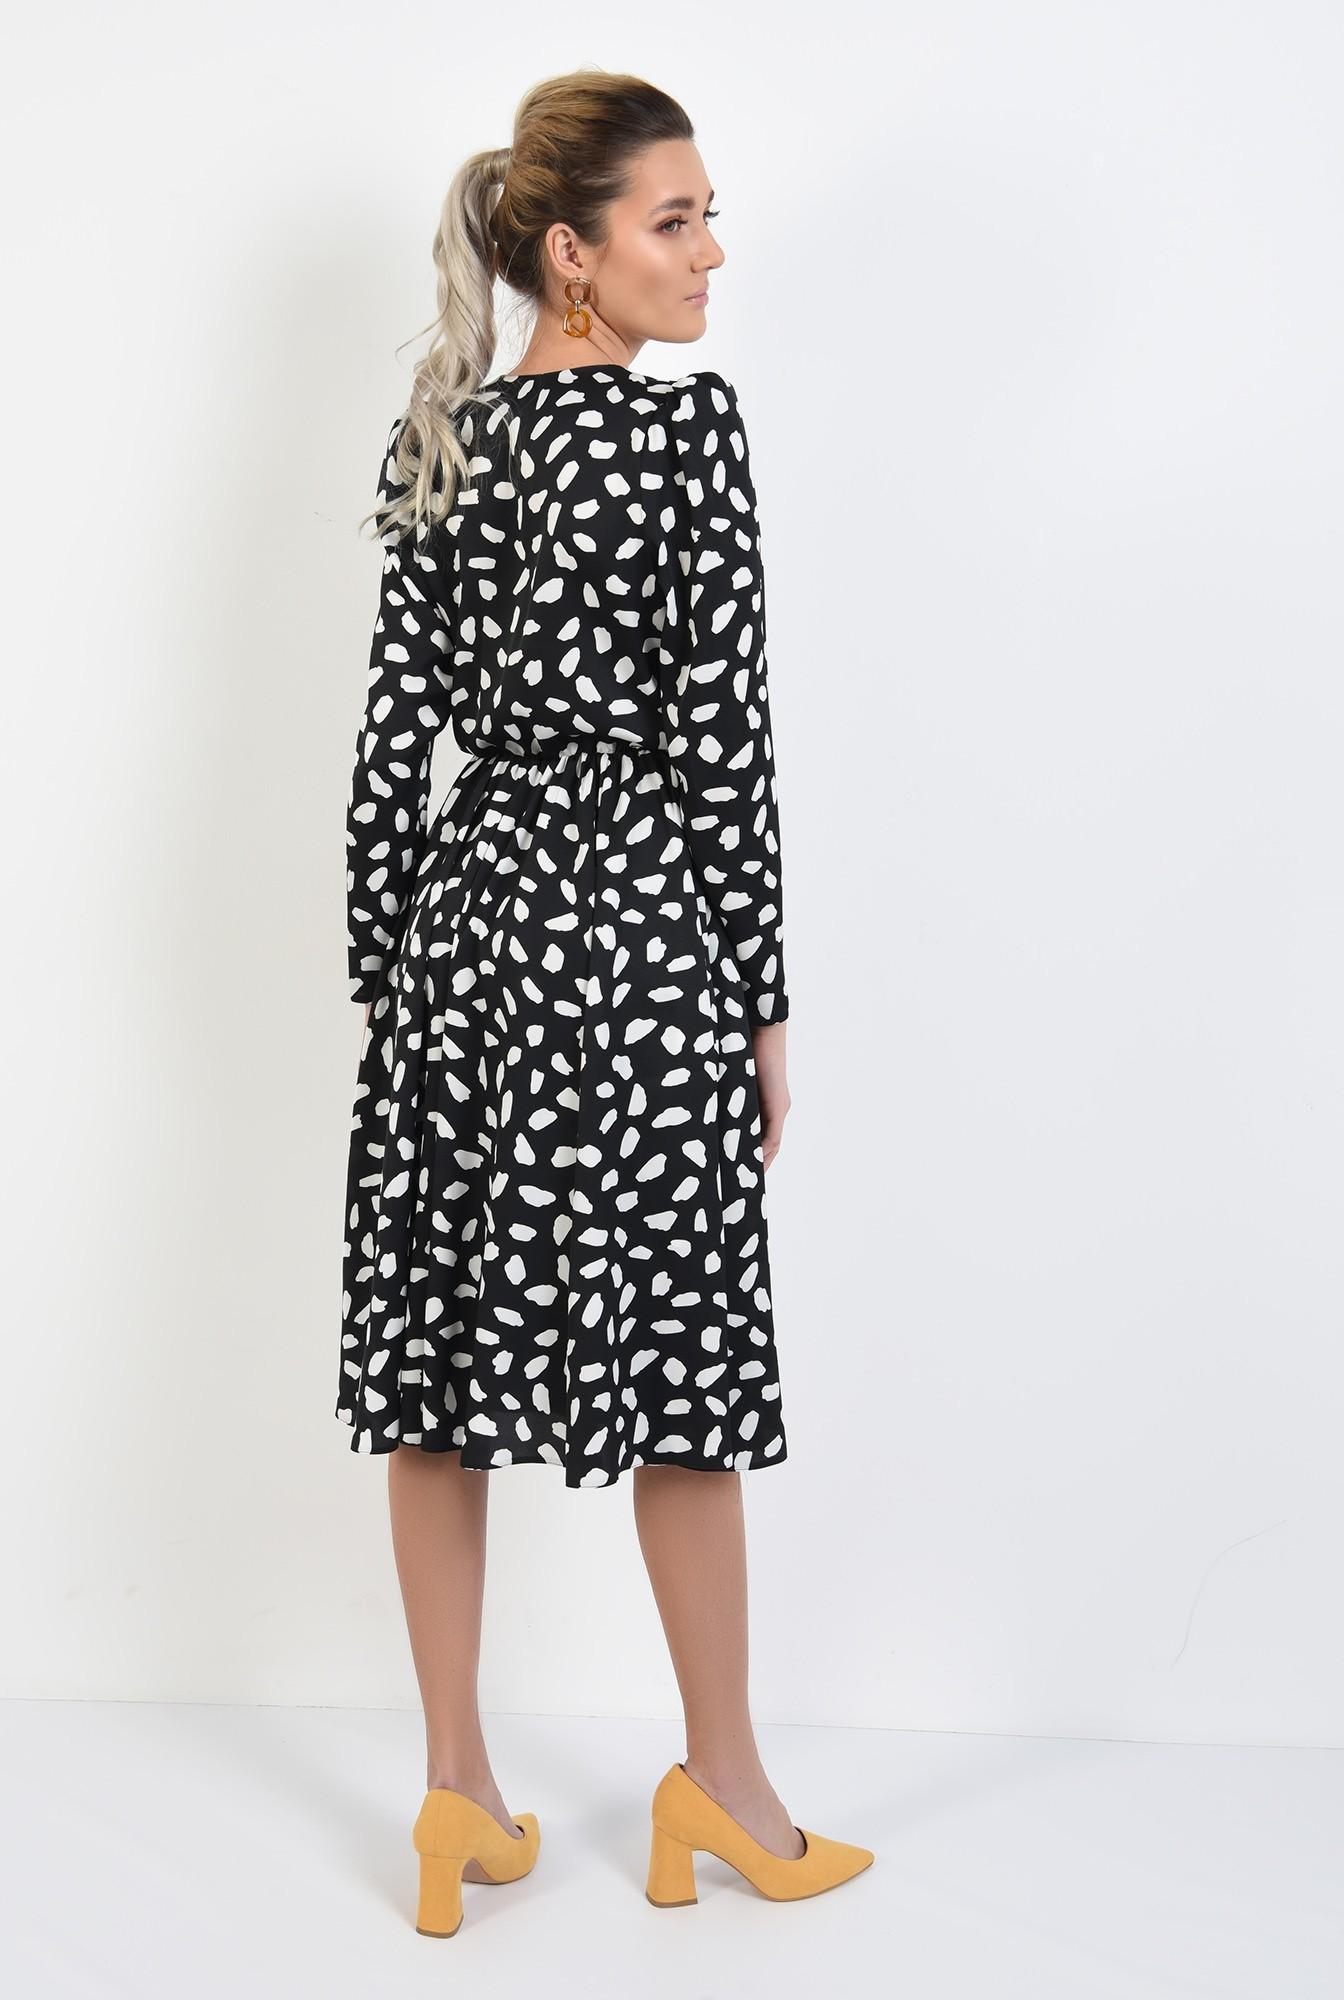 1 - rochie midi, evazata, cu imprimeu, alb-negru, decolteu petrecut